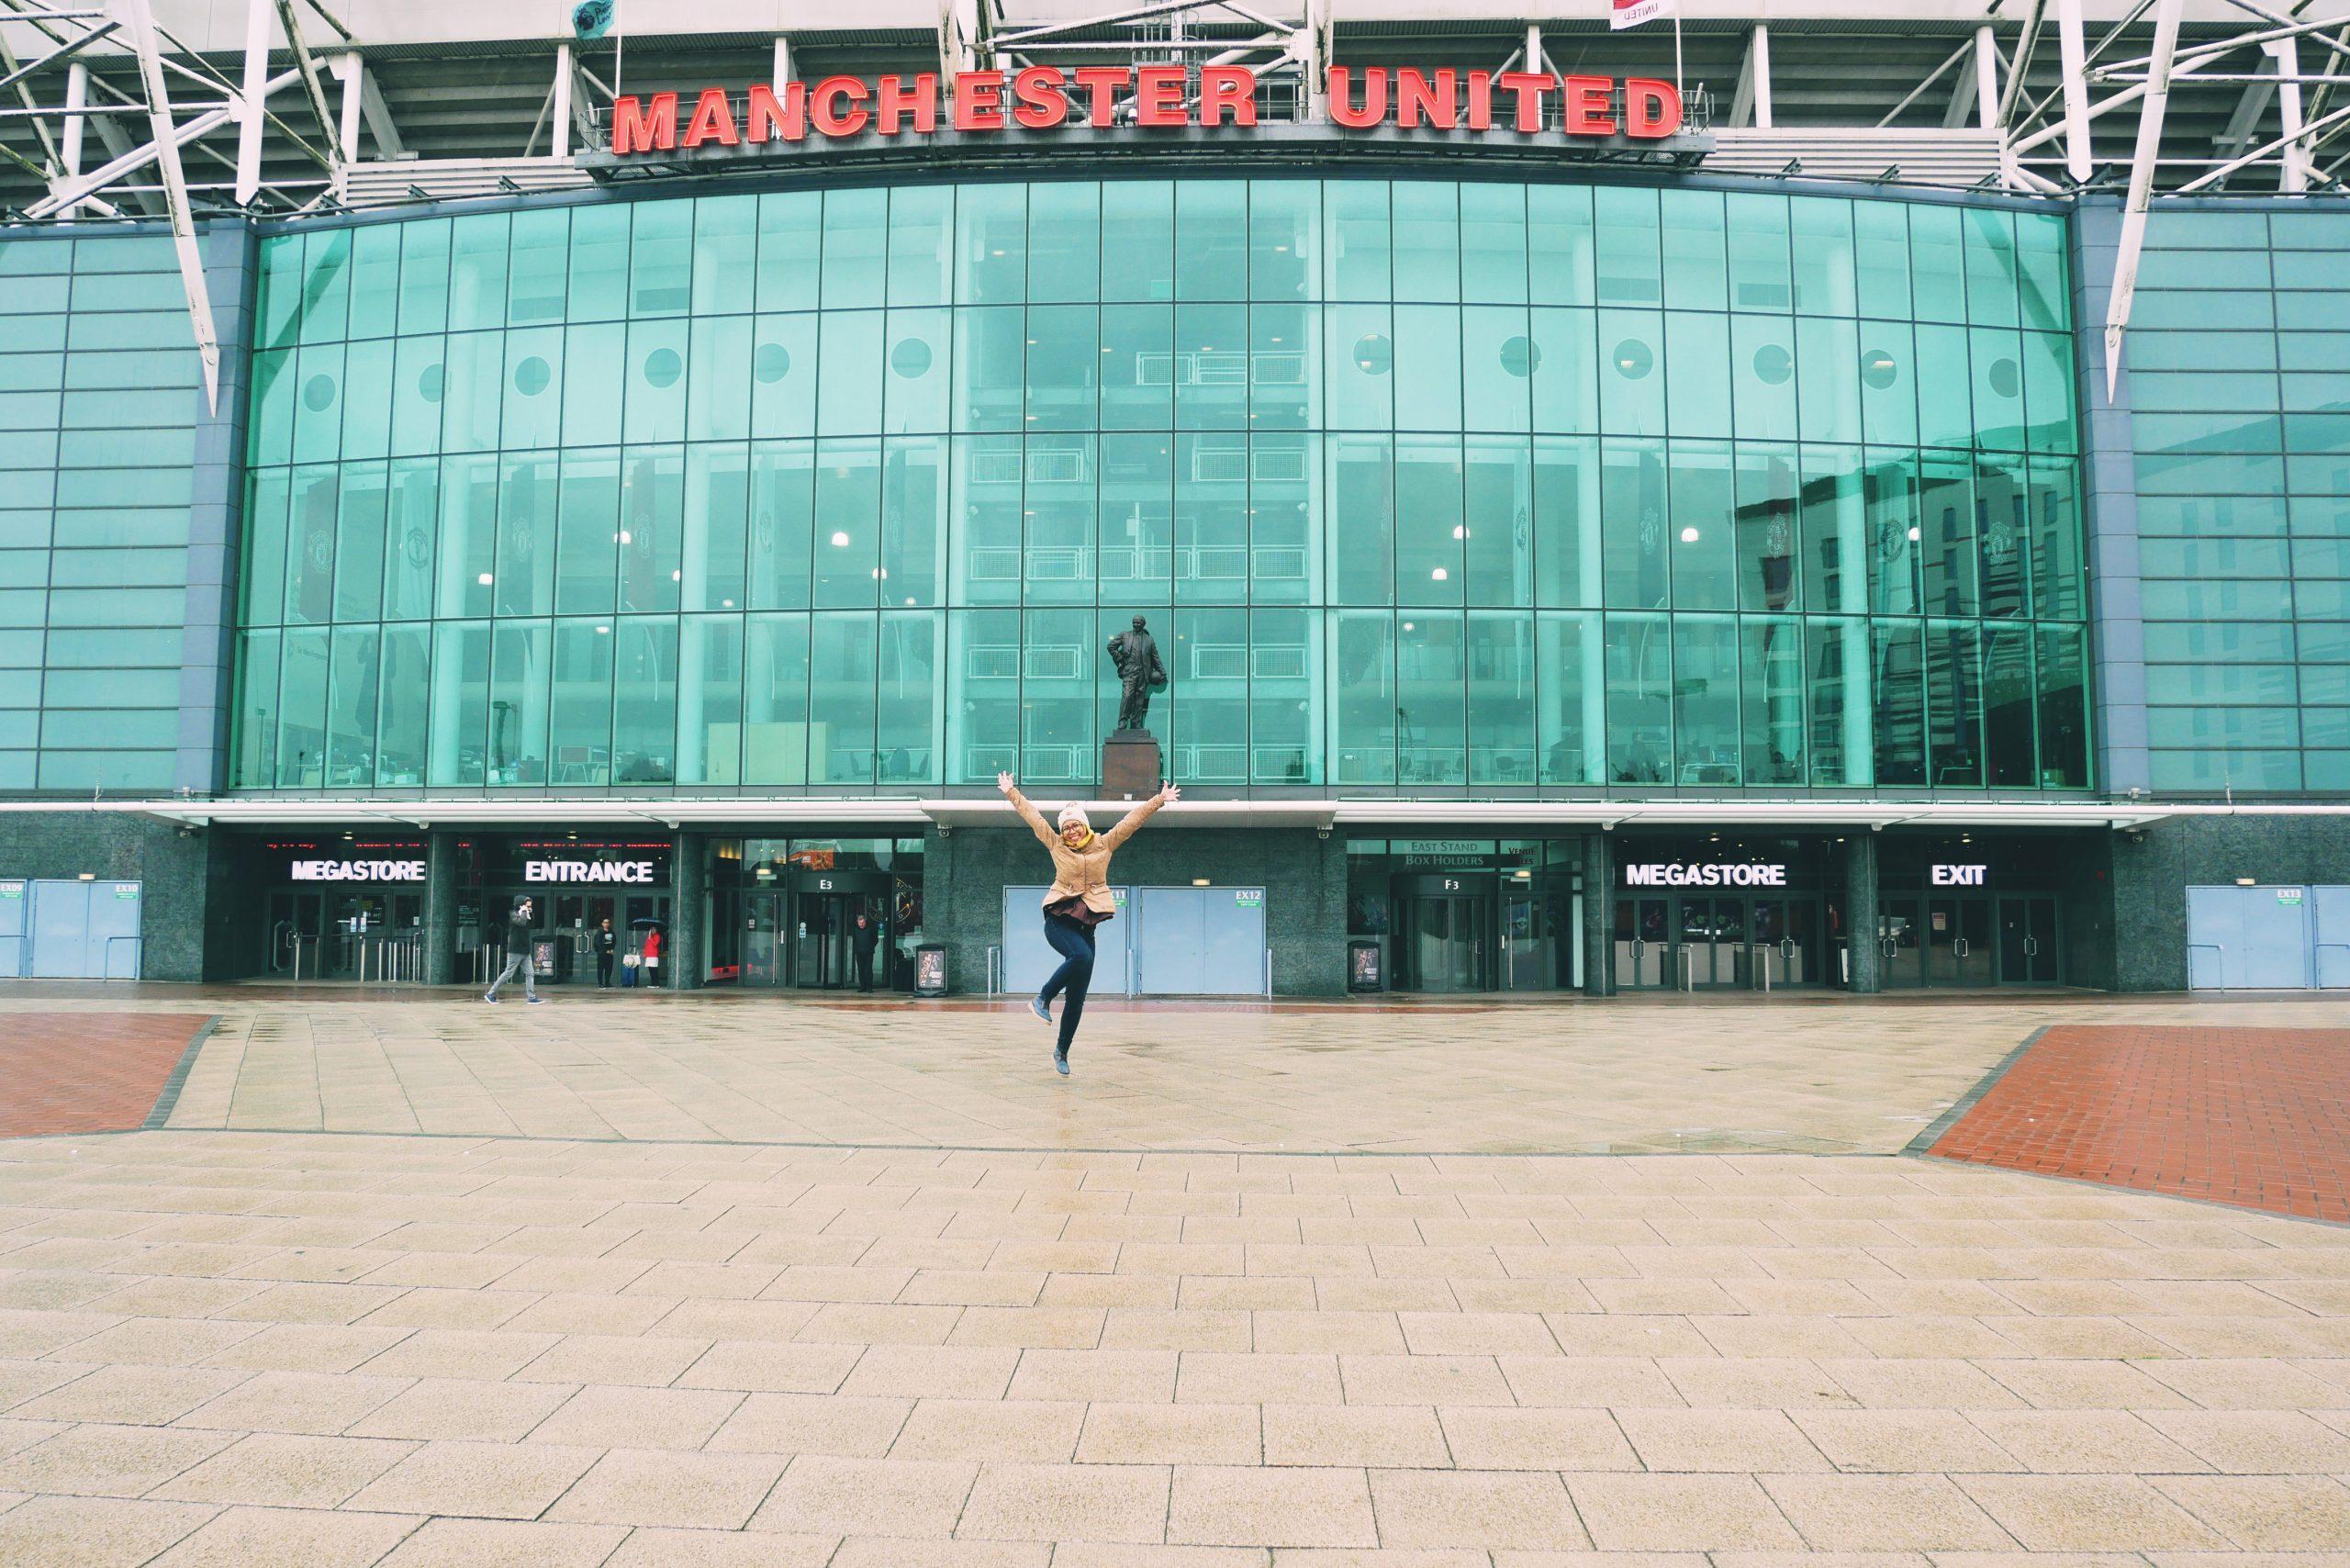 Cerita Tentang Old Trafford dari Orang yang Gak Paham soal Old Trafford